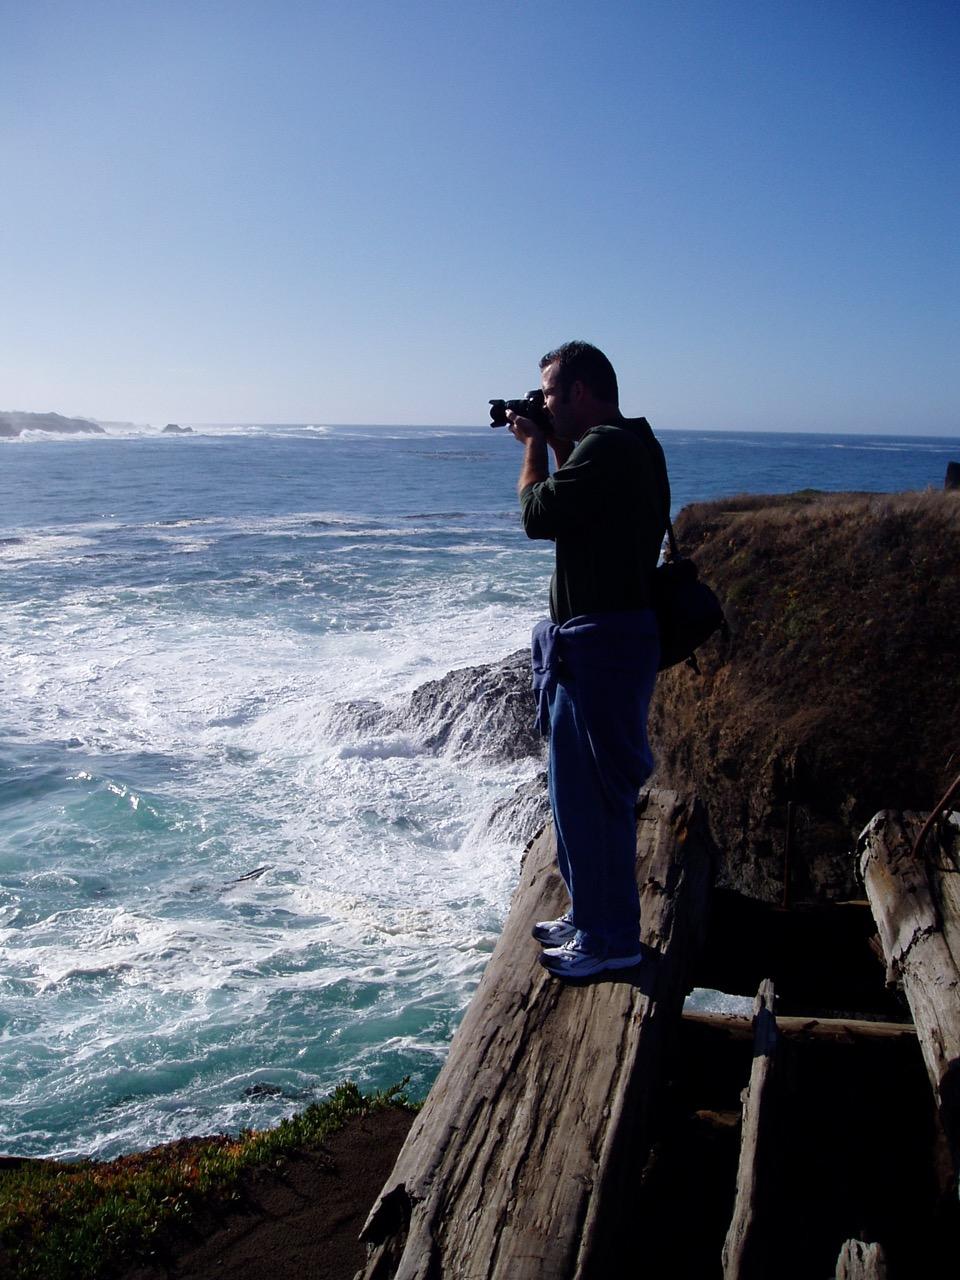 Pacific Ocean Off Mendocino Coast